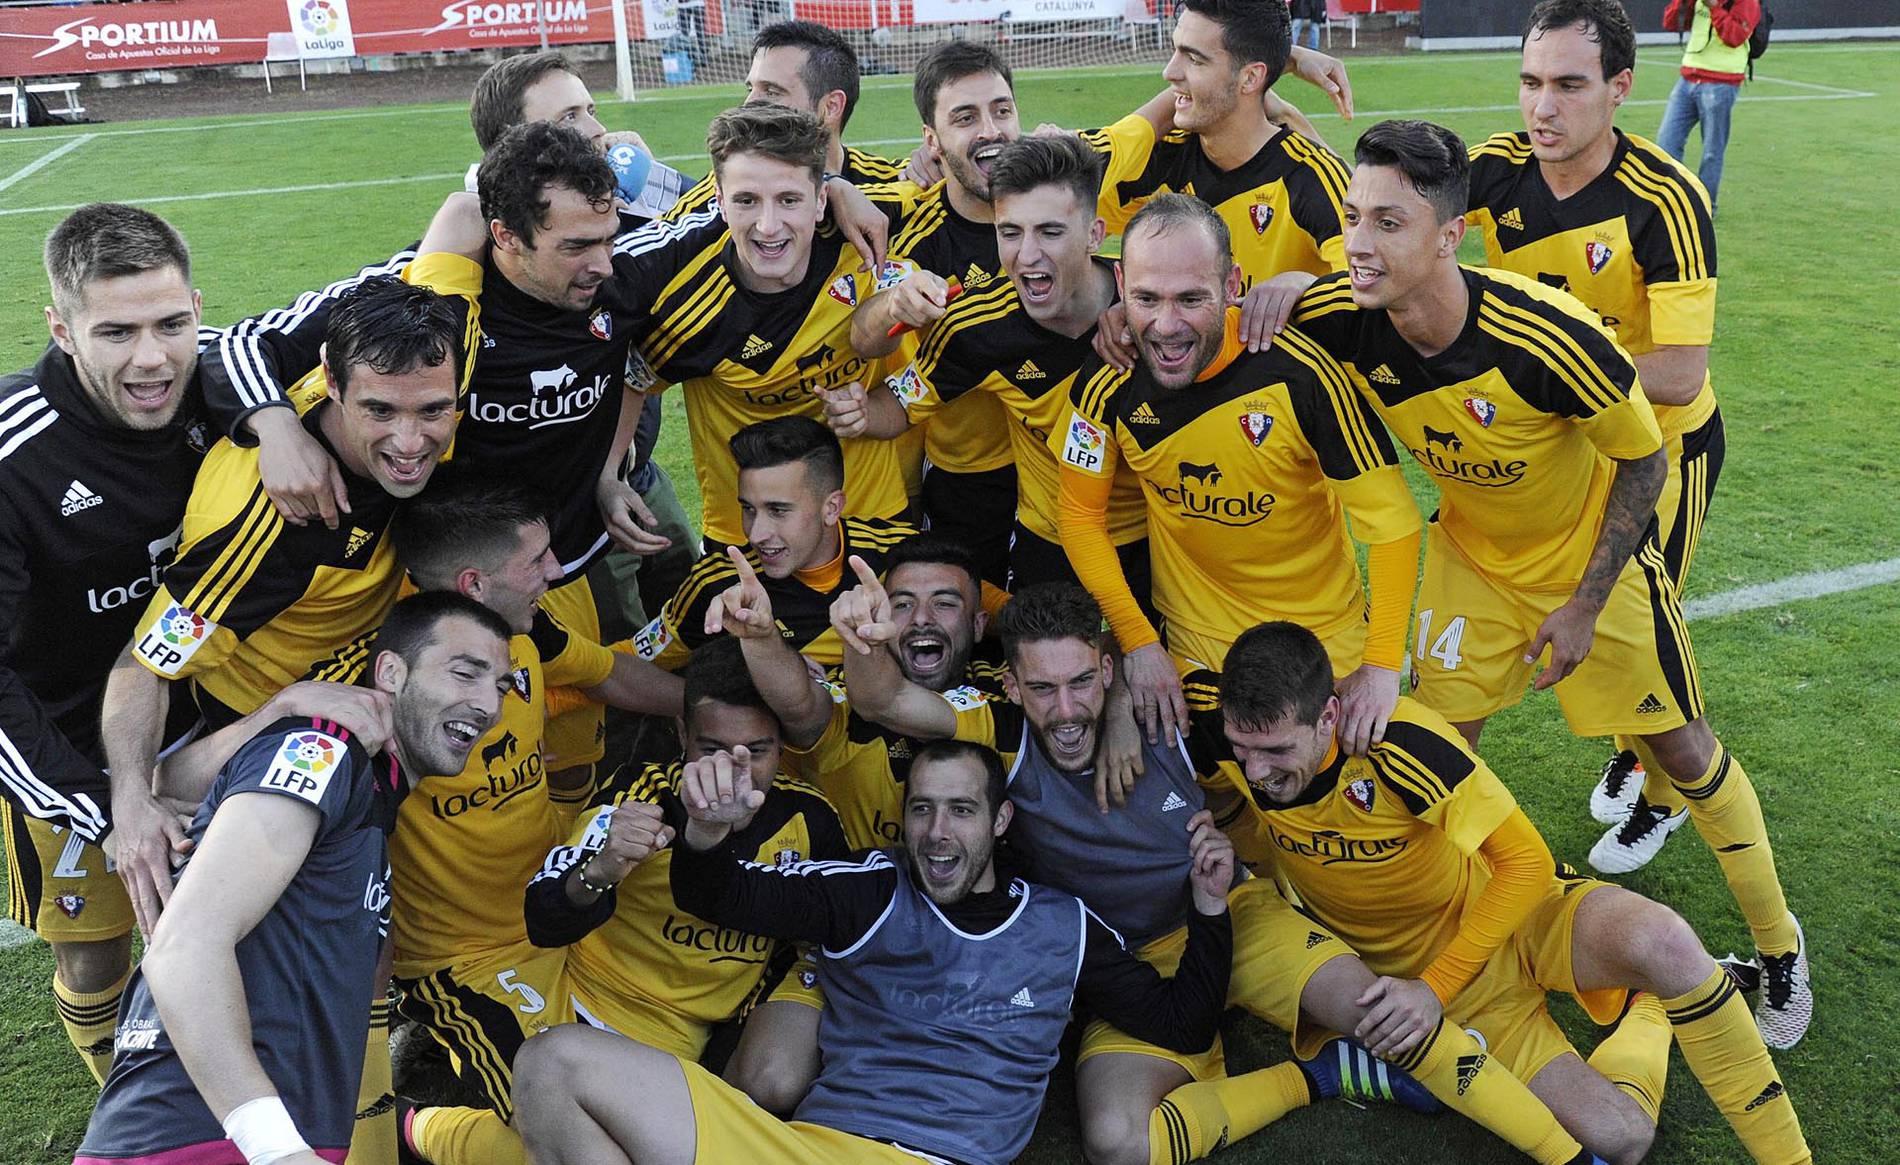 Victoria de Osasuna en Girona (0-1) (1/11) - Imágenes del encuentro del playoff por el ascenso que dio el ascenso al C.A. Osasuna en Montilivi. - Osasuna -